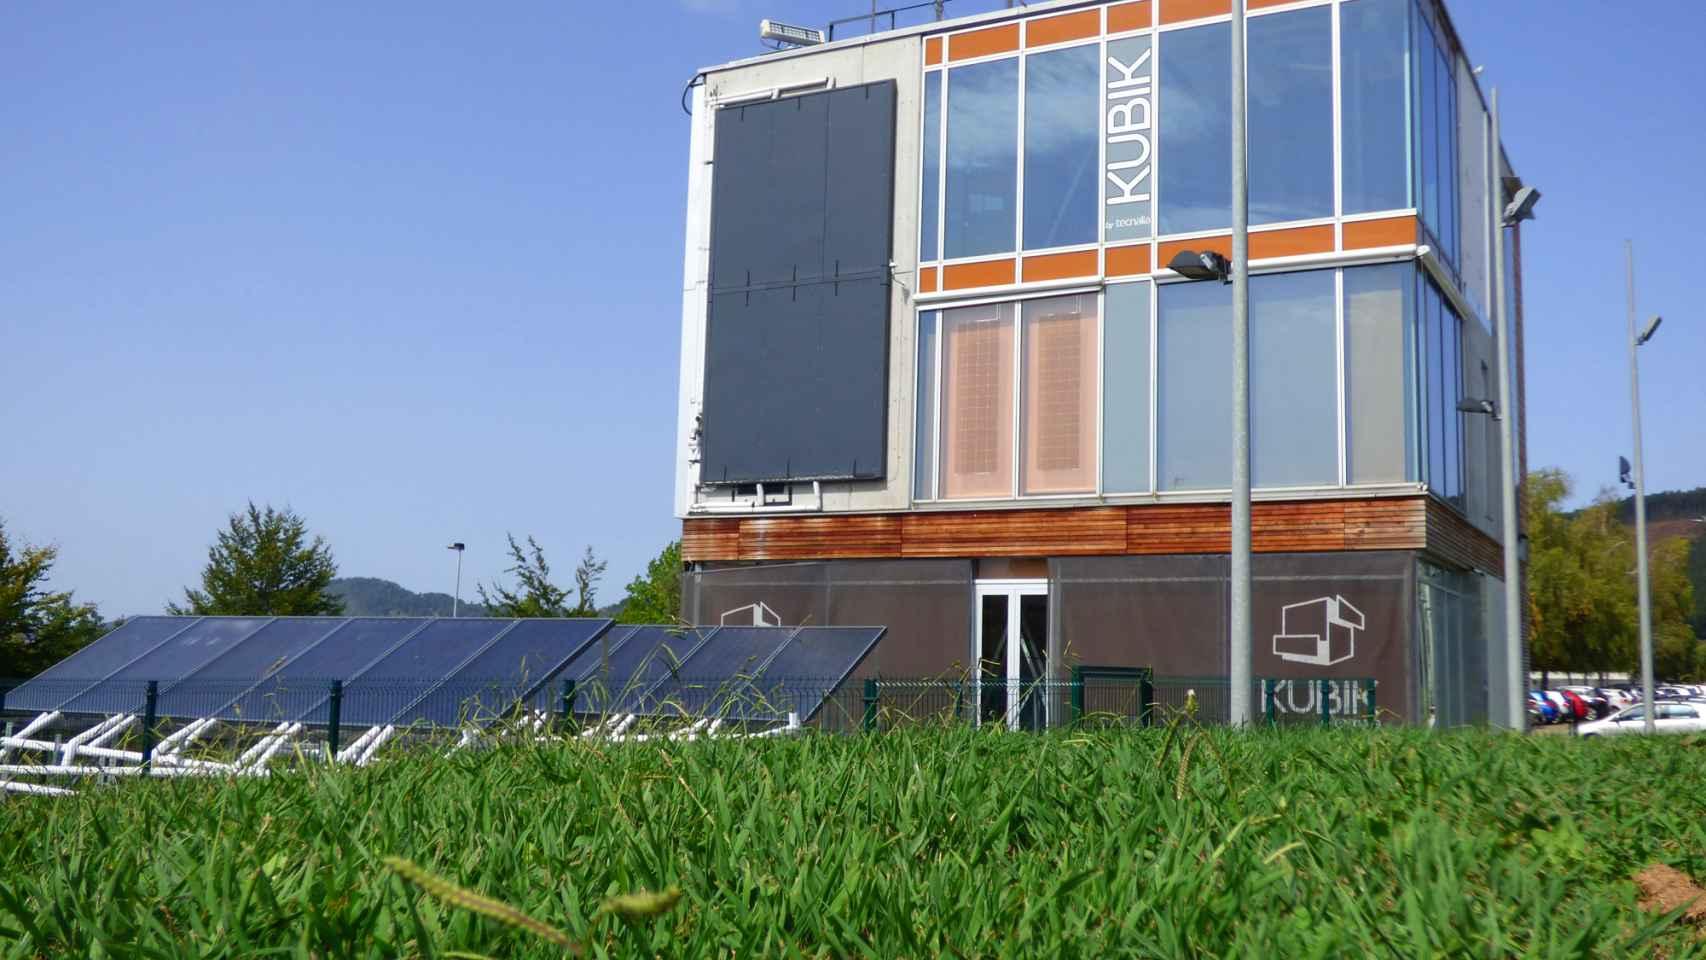 El edificio Kubik, en el que se prueban las últimas innovaciones aplicadas a la edificación.